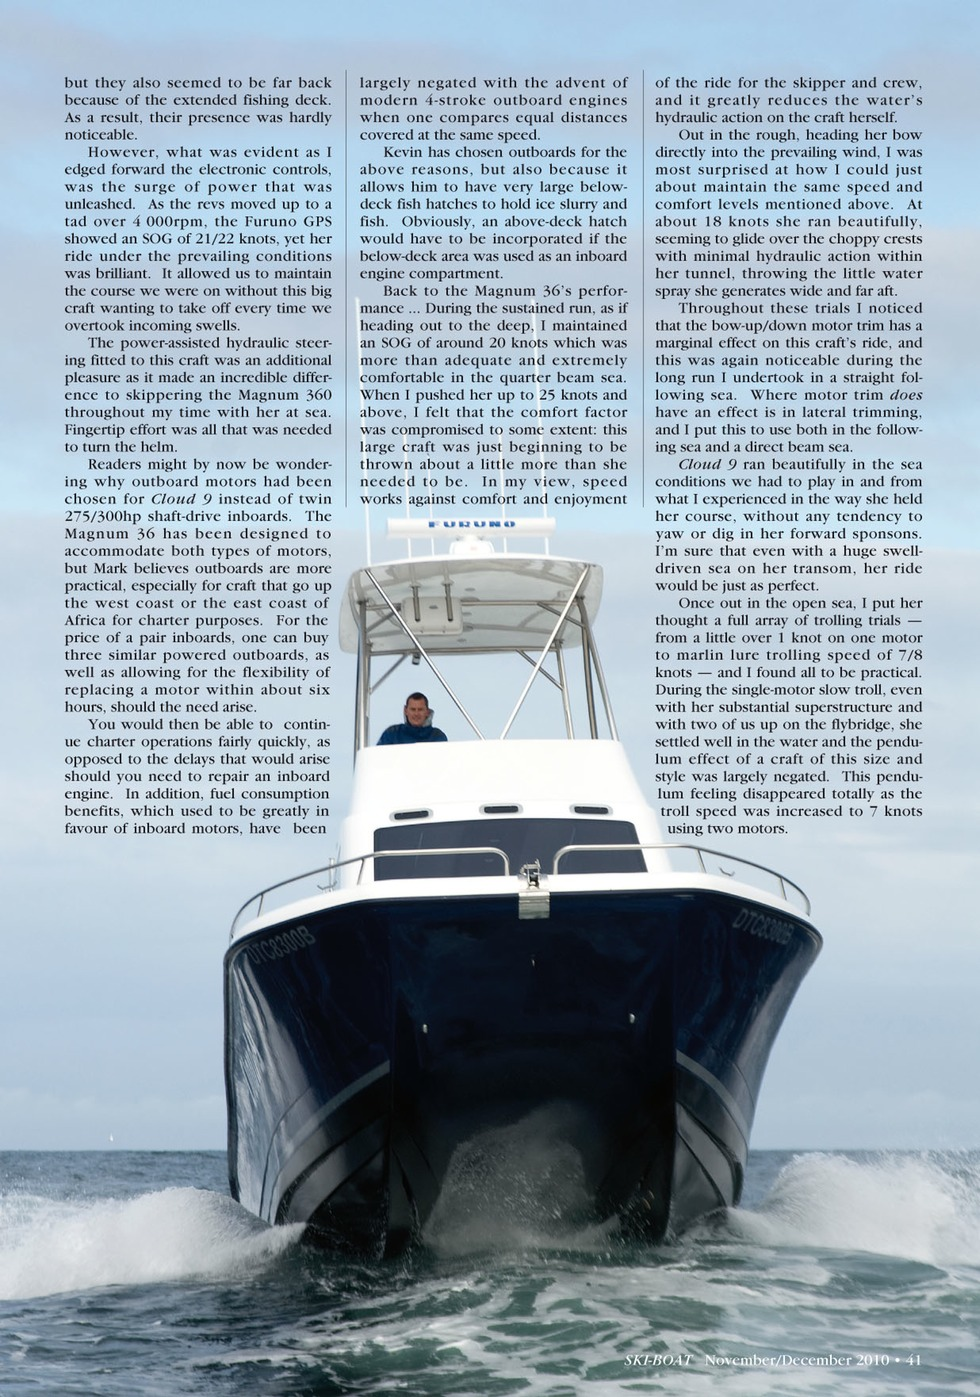 Magnum 36 Ski Boat Dec 2010 2